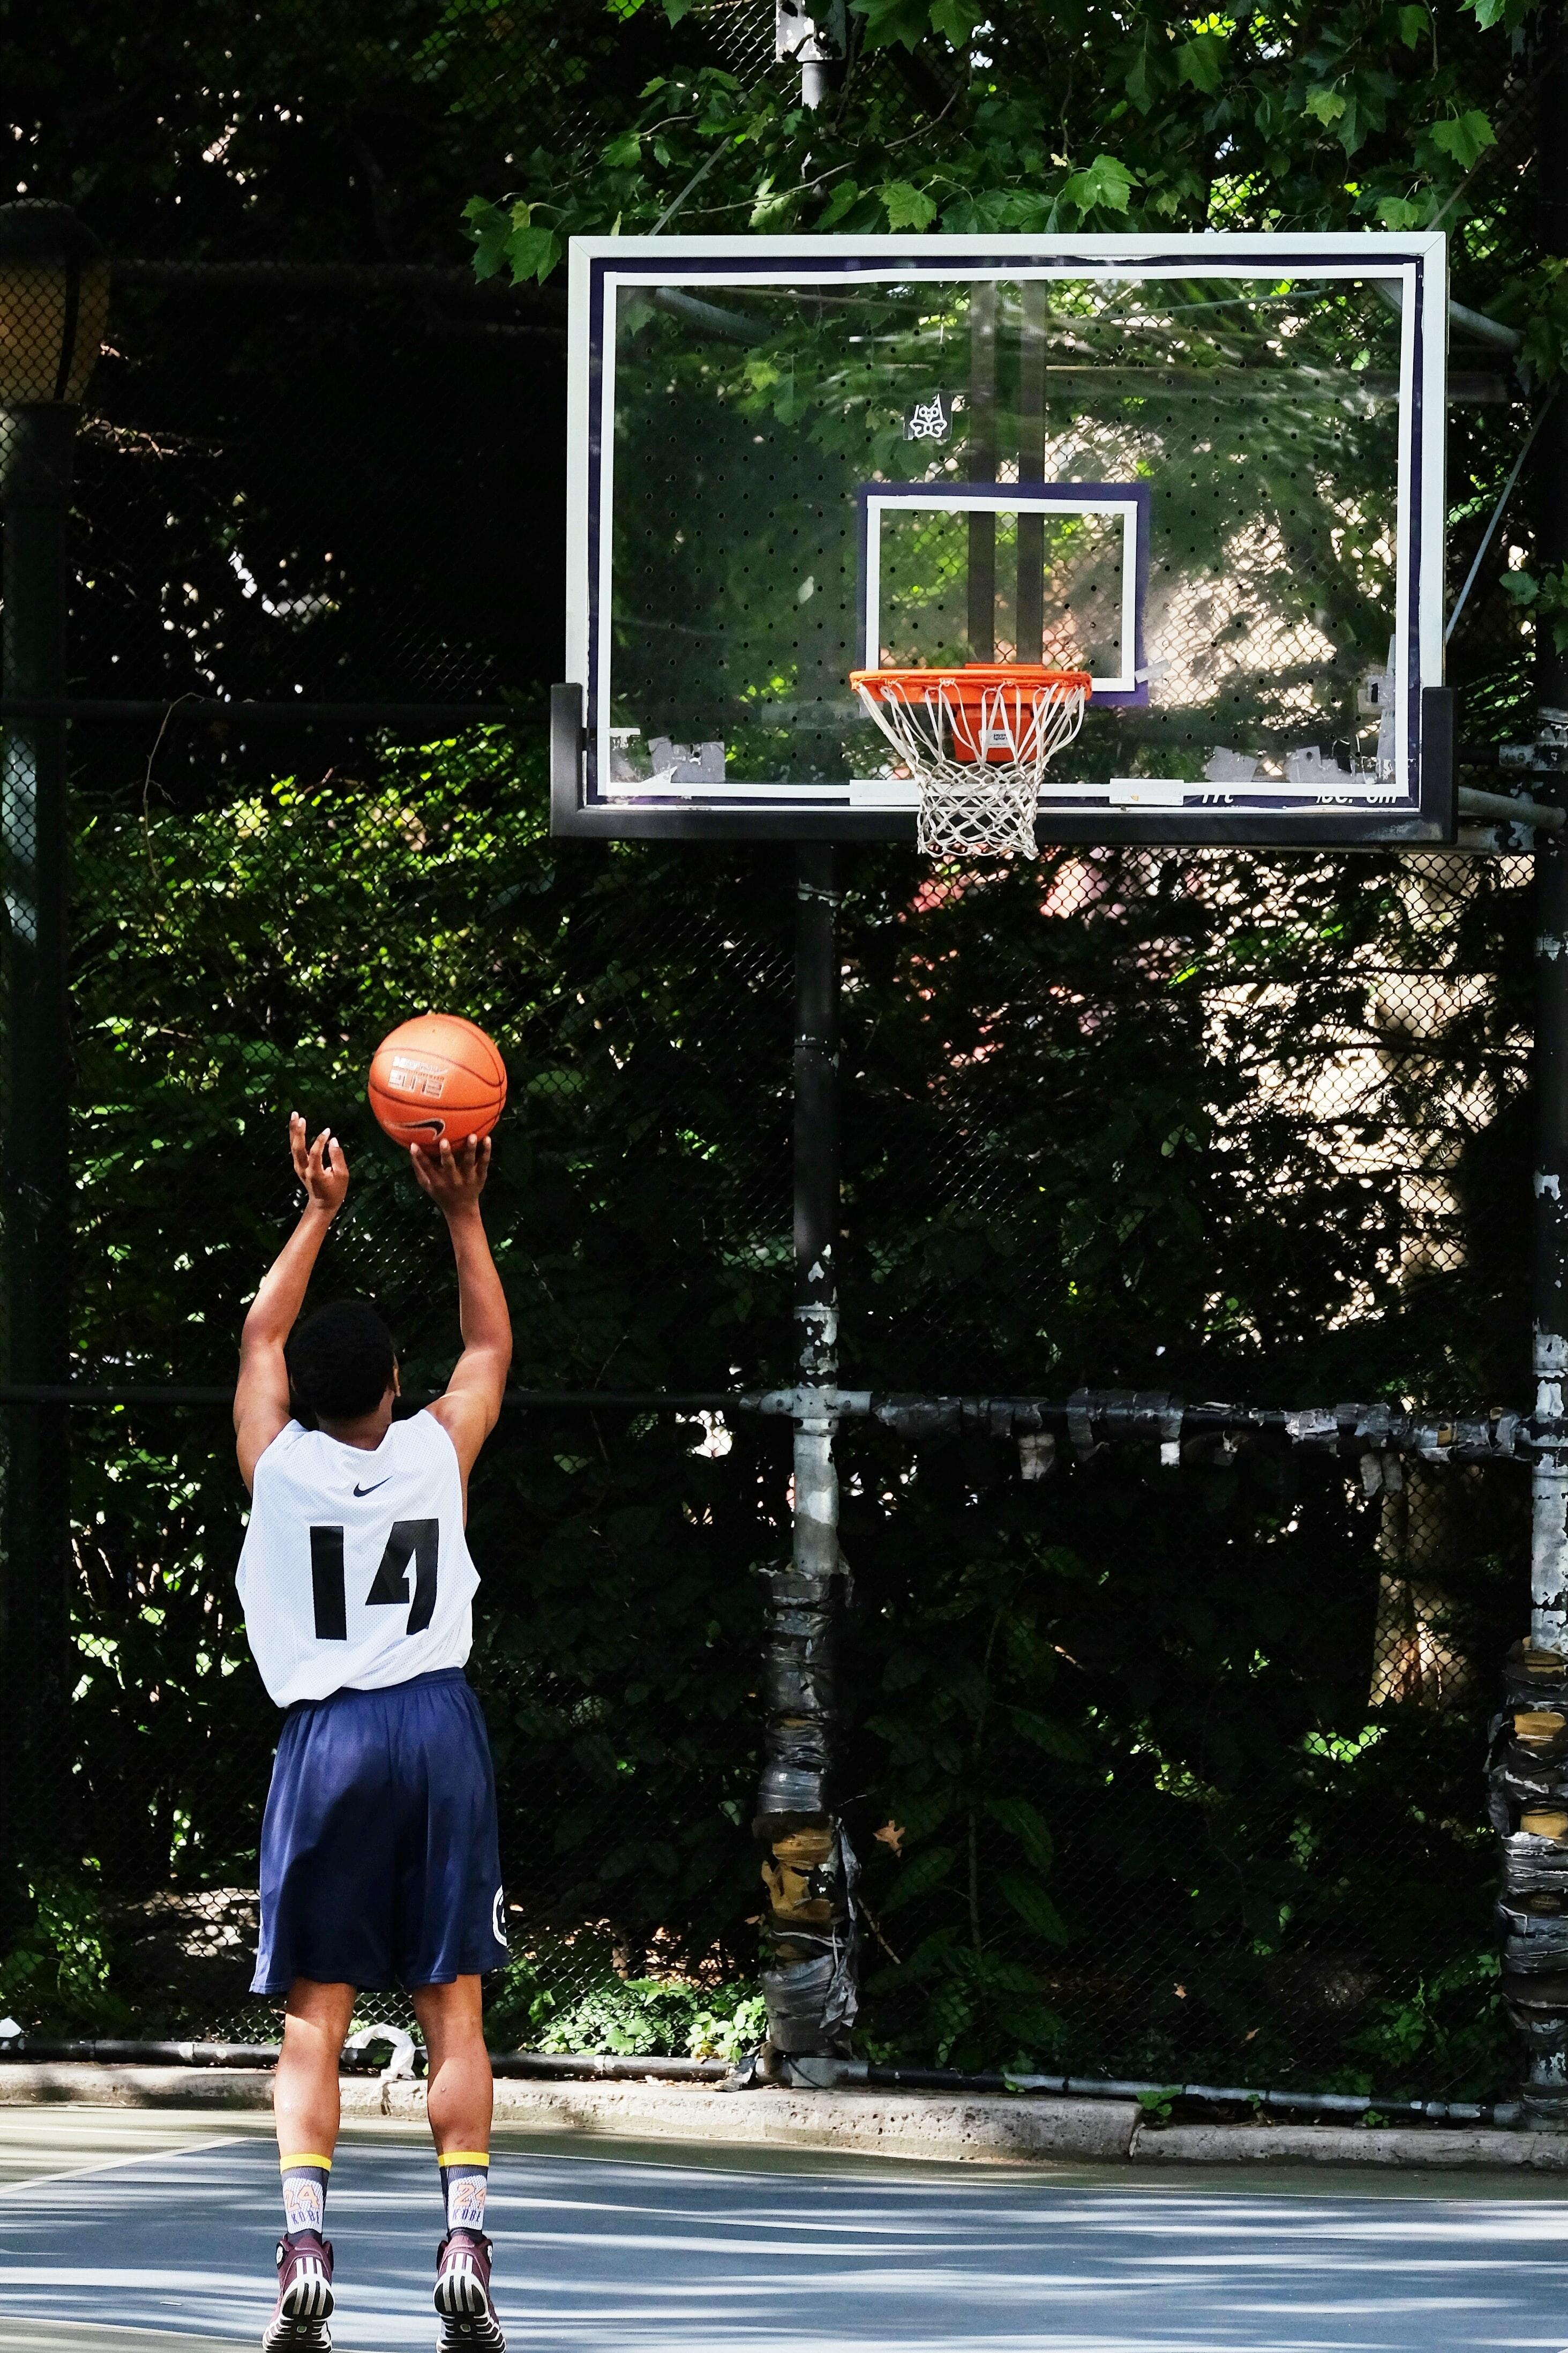 Texten handlar om idrottare och därför har vi lagt in en bild på en basketspelare som idrottar